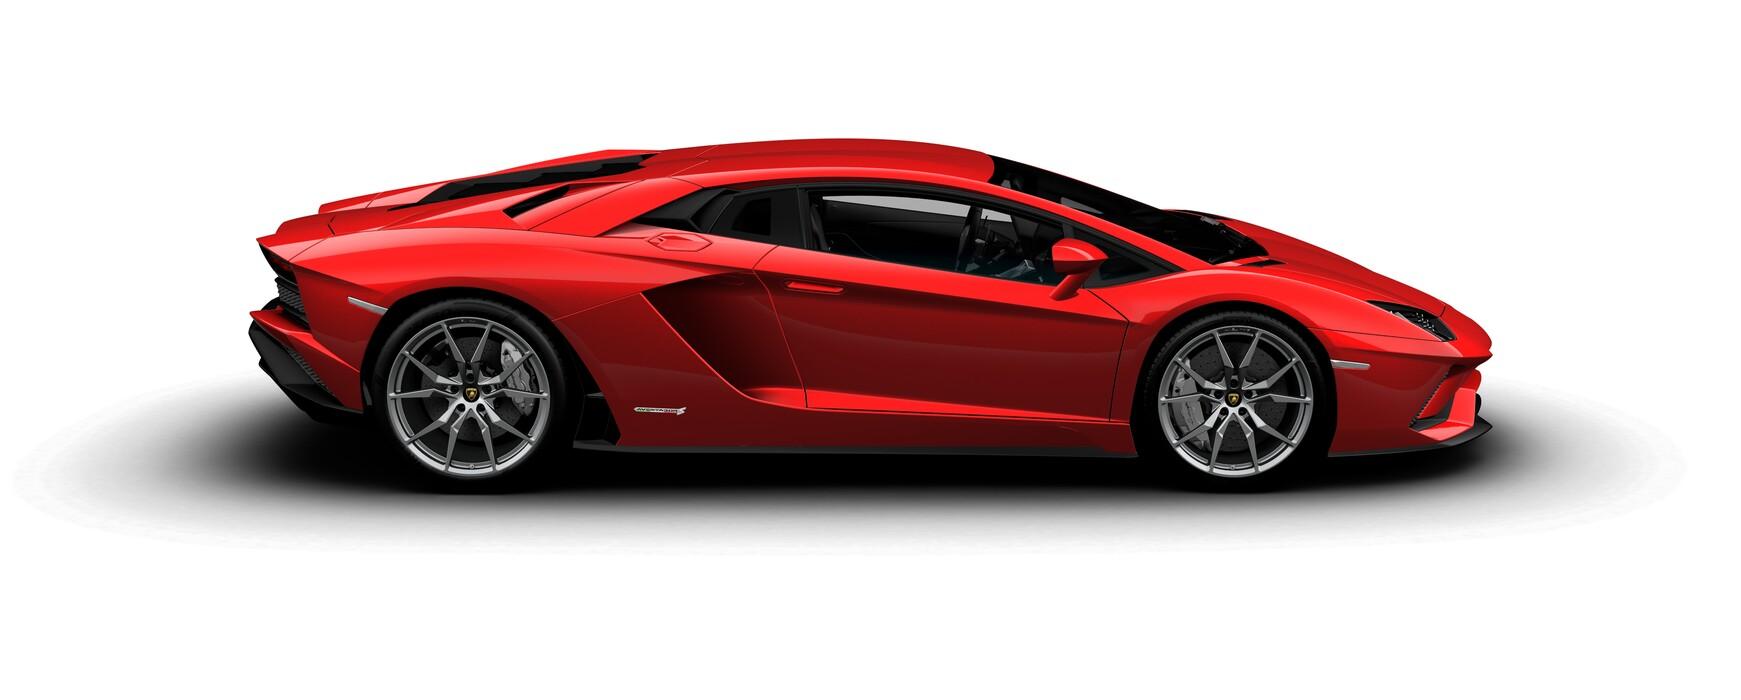 Lamborghini Aventador S Coupe metallic Rosso Bia side view